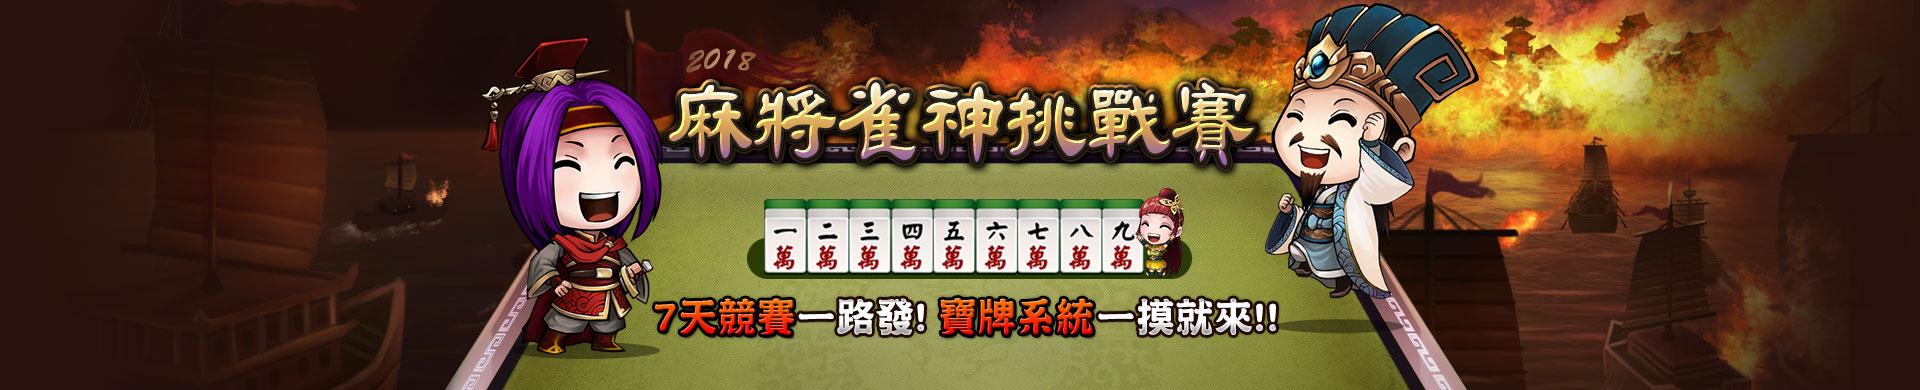 麻將雀神挑戰賽